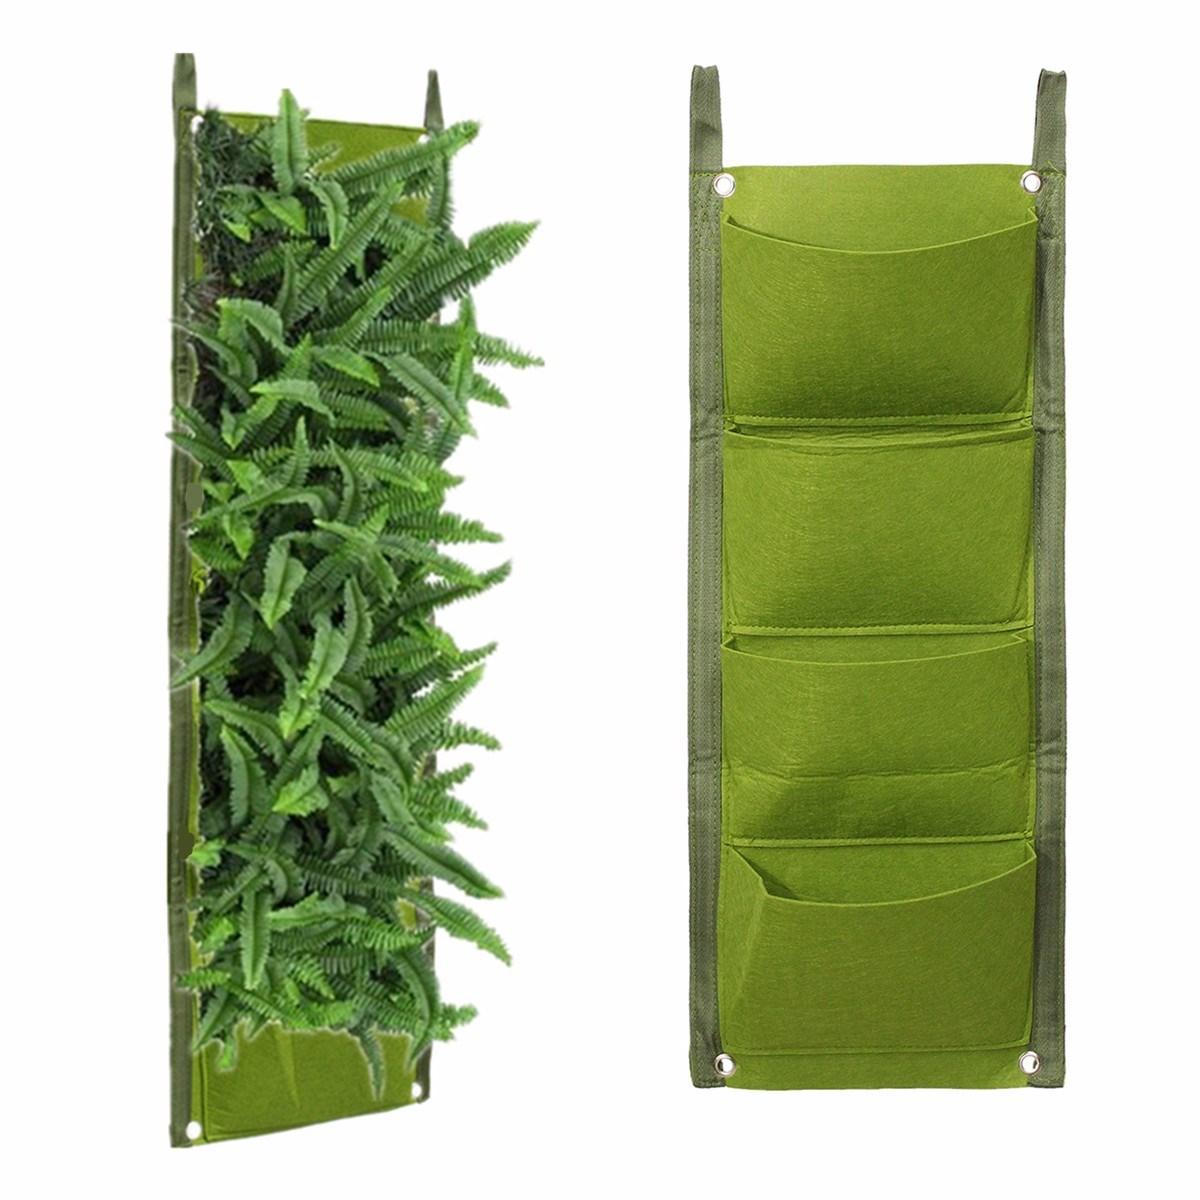 4 poches planteur sacs vert suspendu vertical mur jardin fleur plantation pot accueil intérieur extérieur balcon